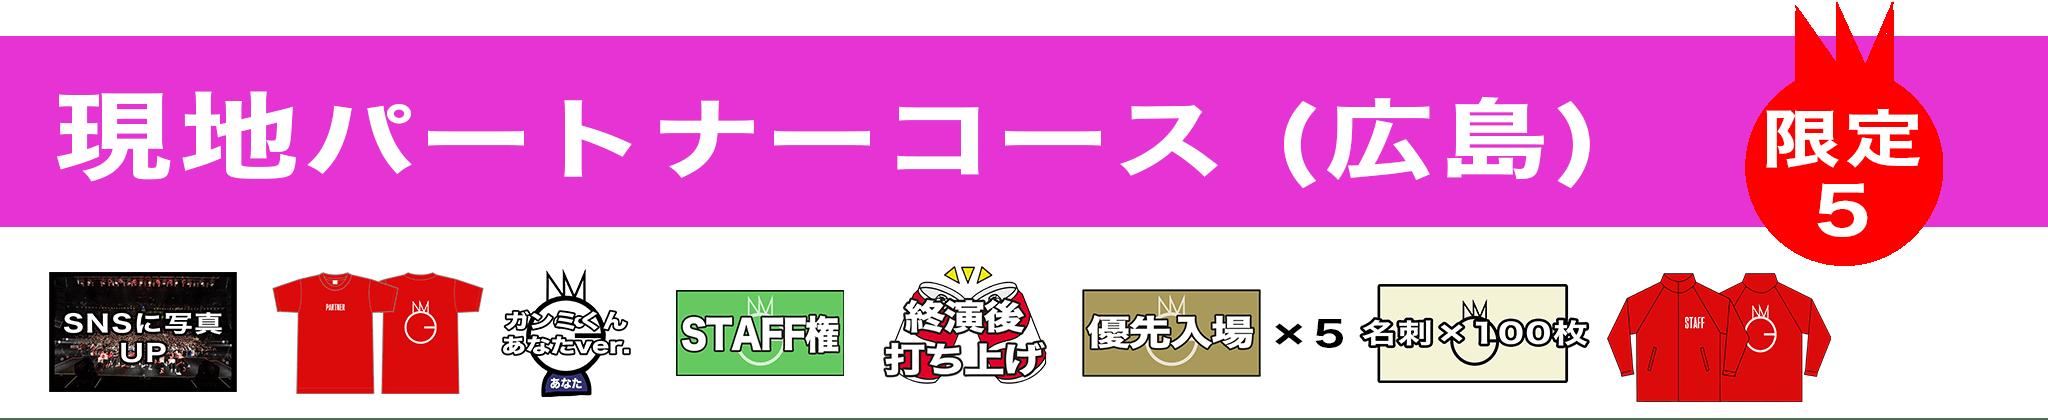 クラファン リターン 現地パートナーコース 広島